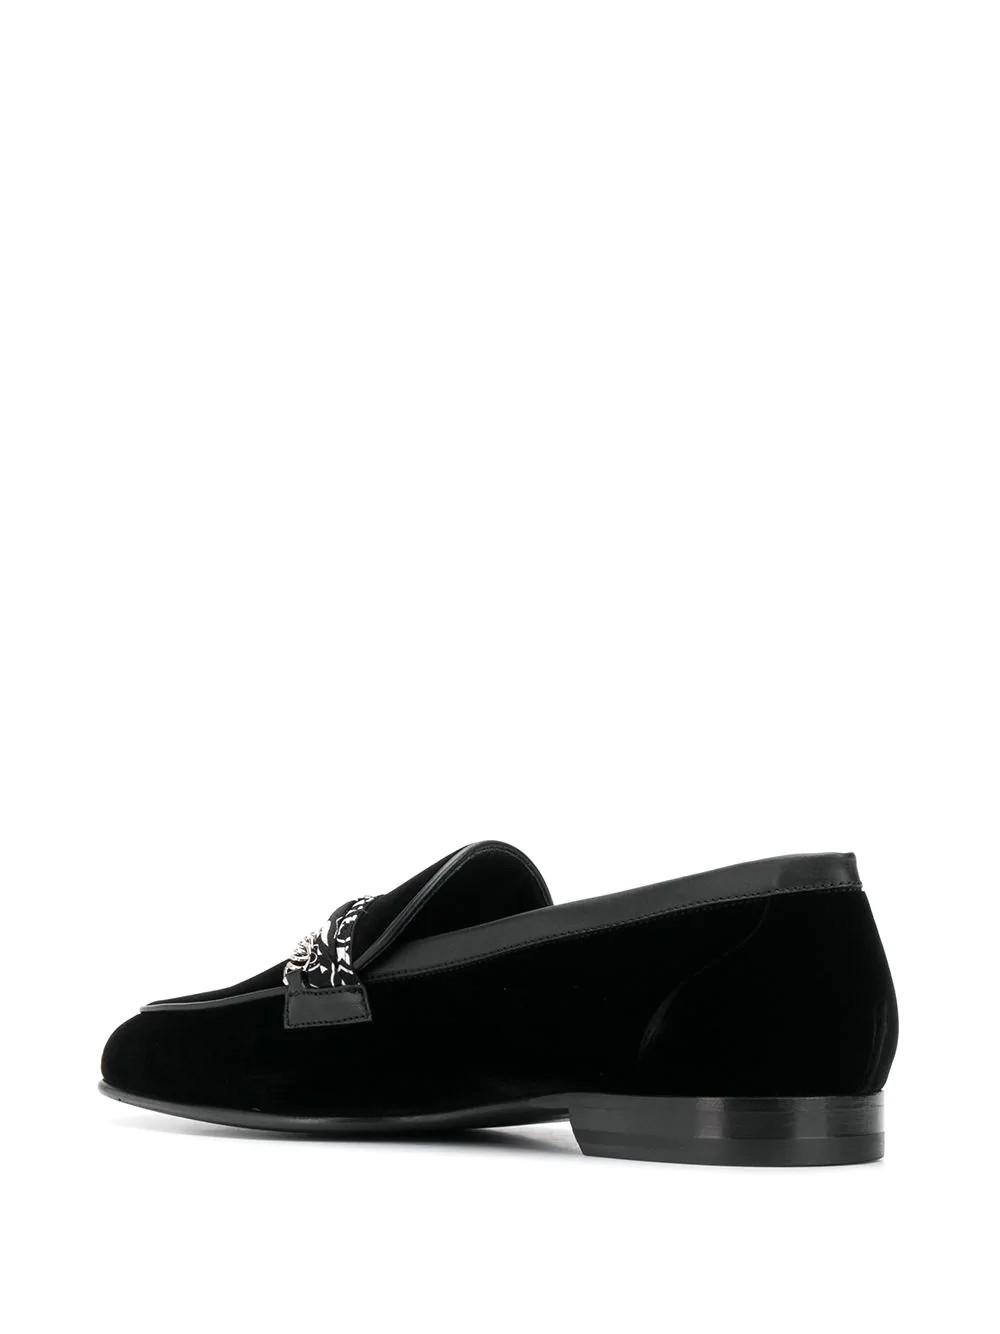 Bandana Chain Velvet Loafer